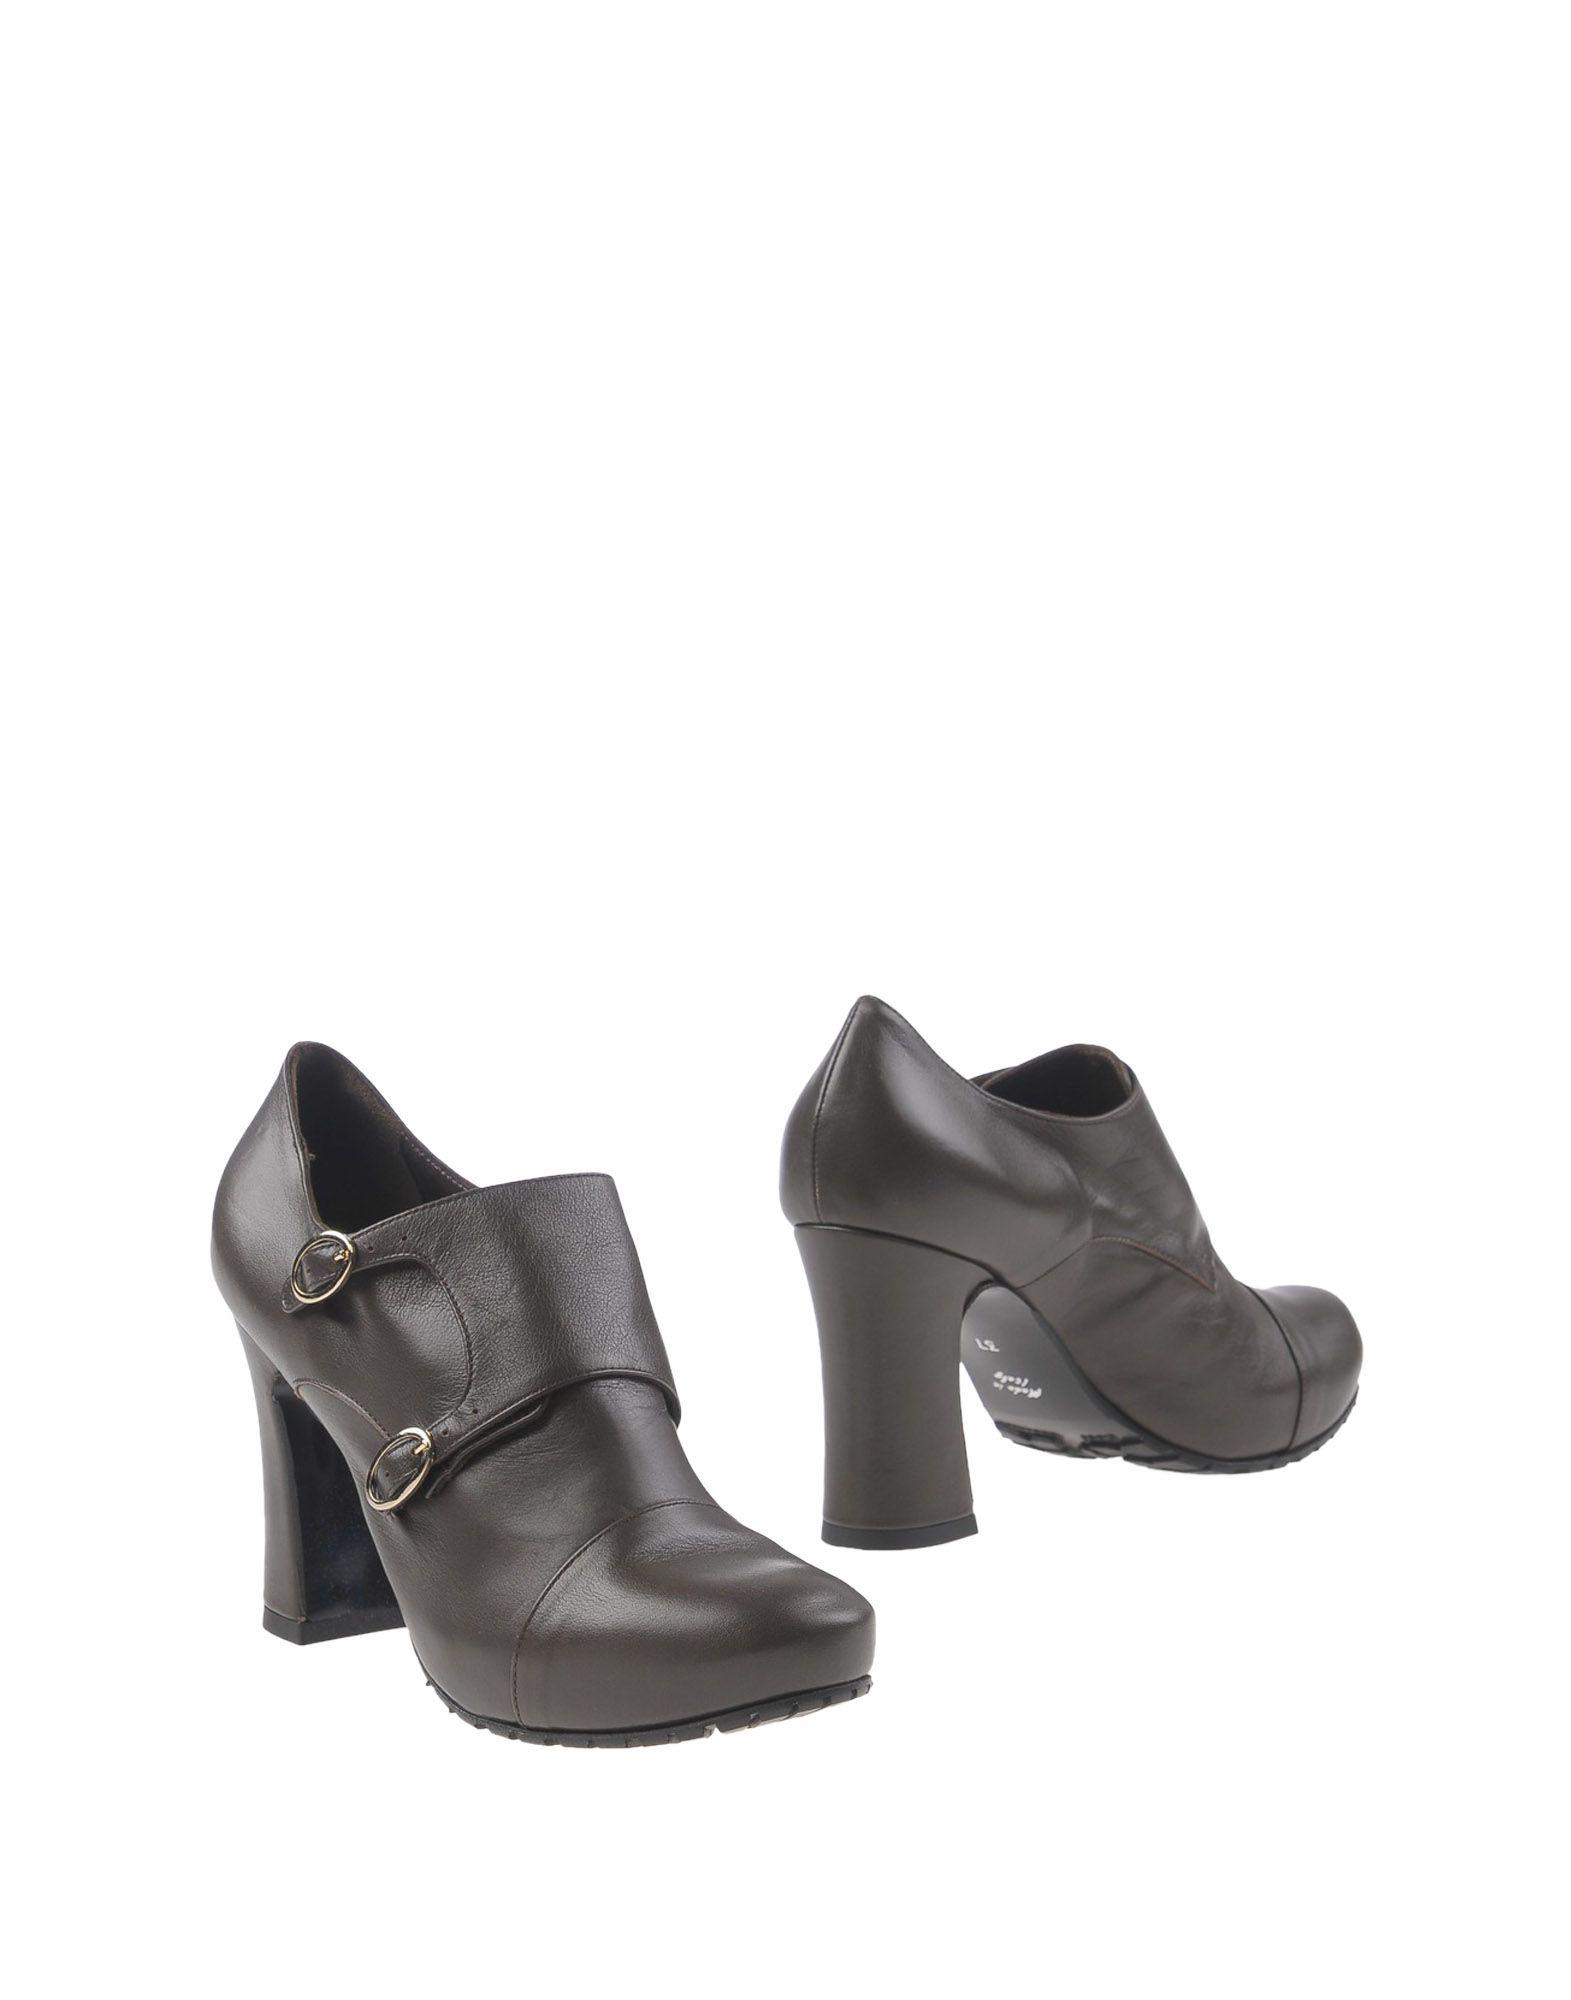 Gionata Stiefelette Damen  11294724OW Gute Qualität beliebte Schuhe